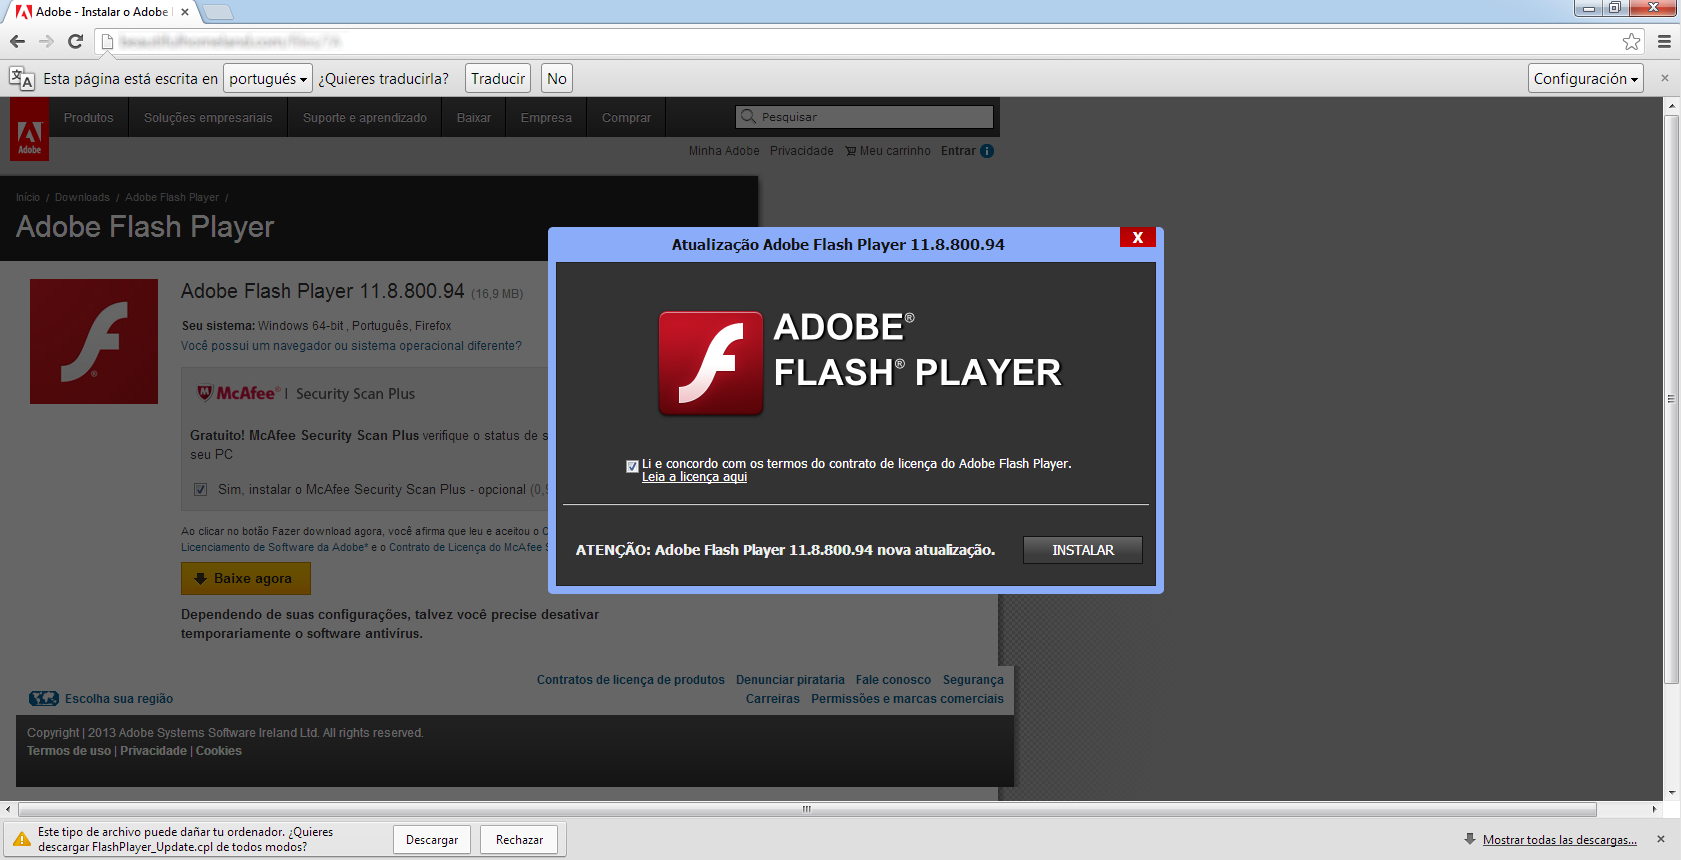 Página web donde se usaba una actualización falsa de Flash Player para infectar el equipo e instalar el software malicioso en el sistema de la víctima.